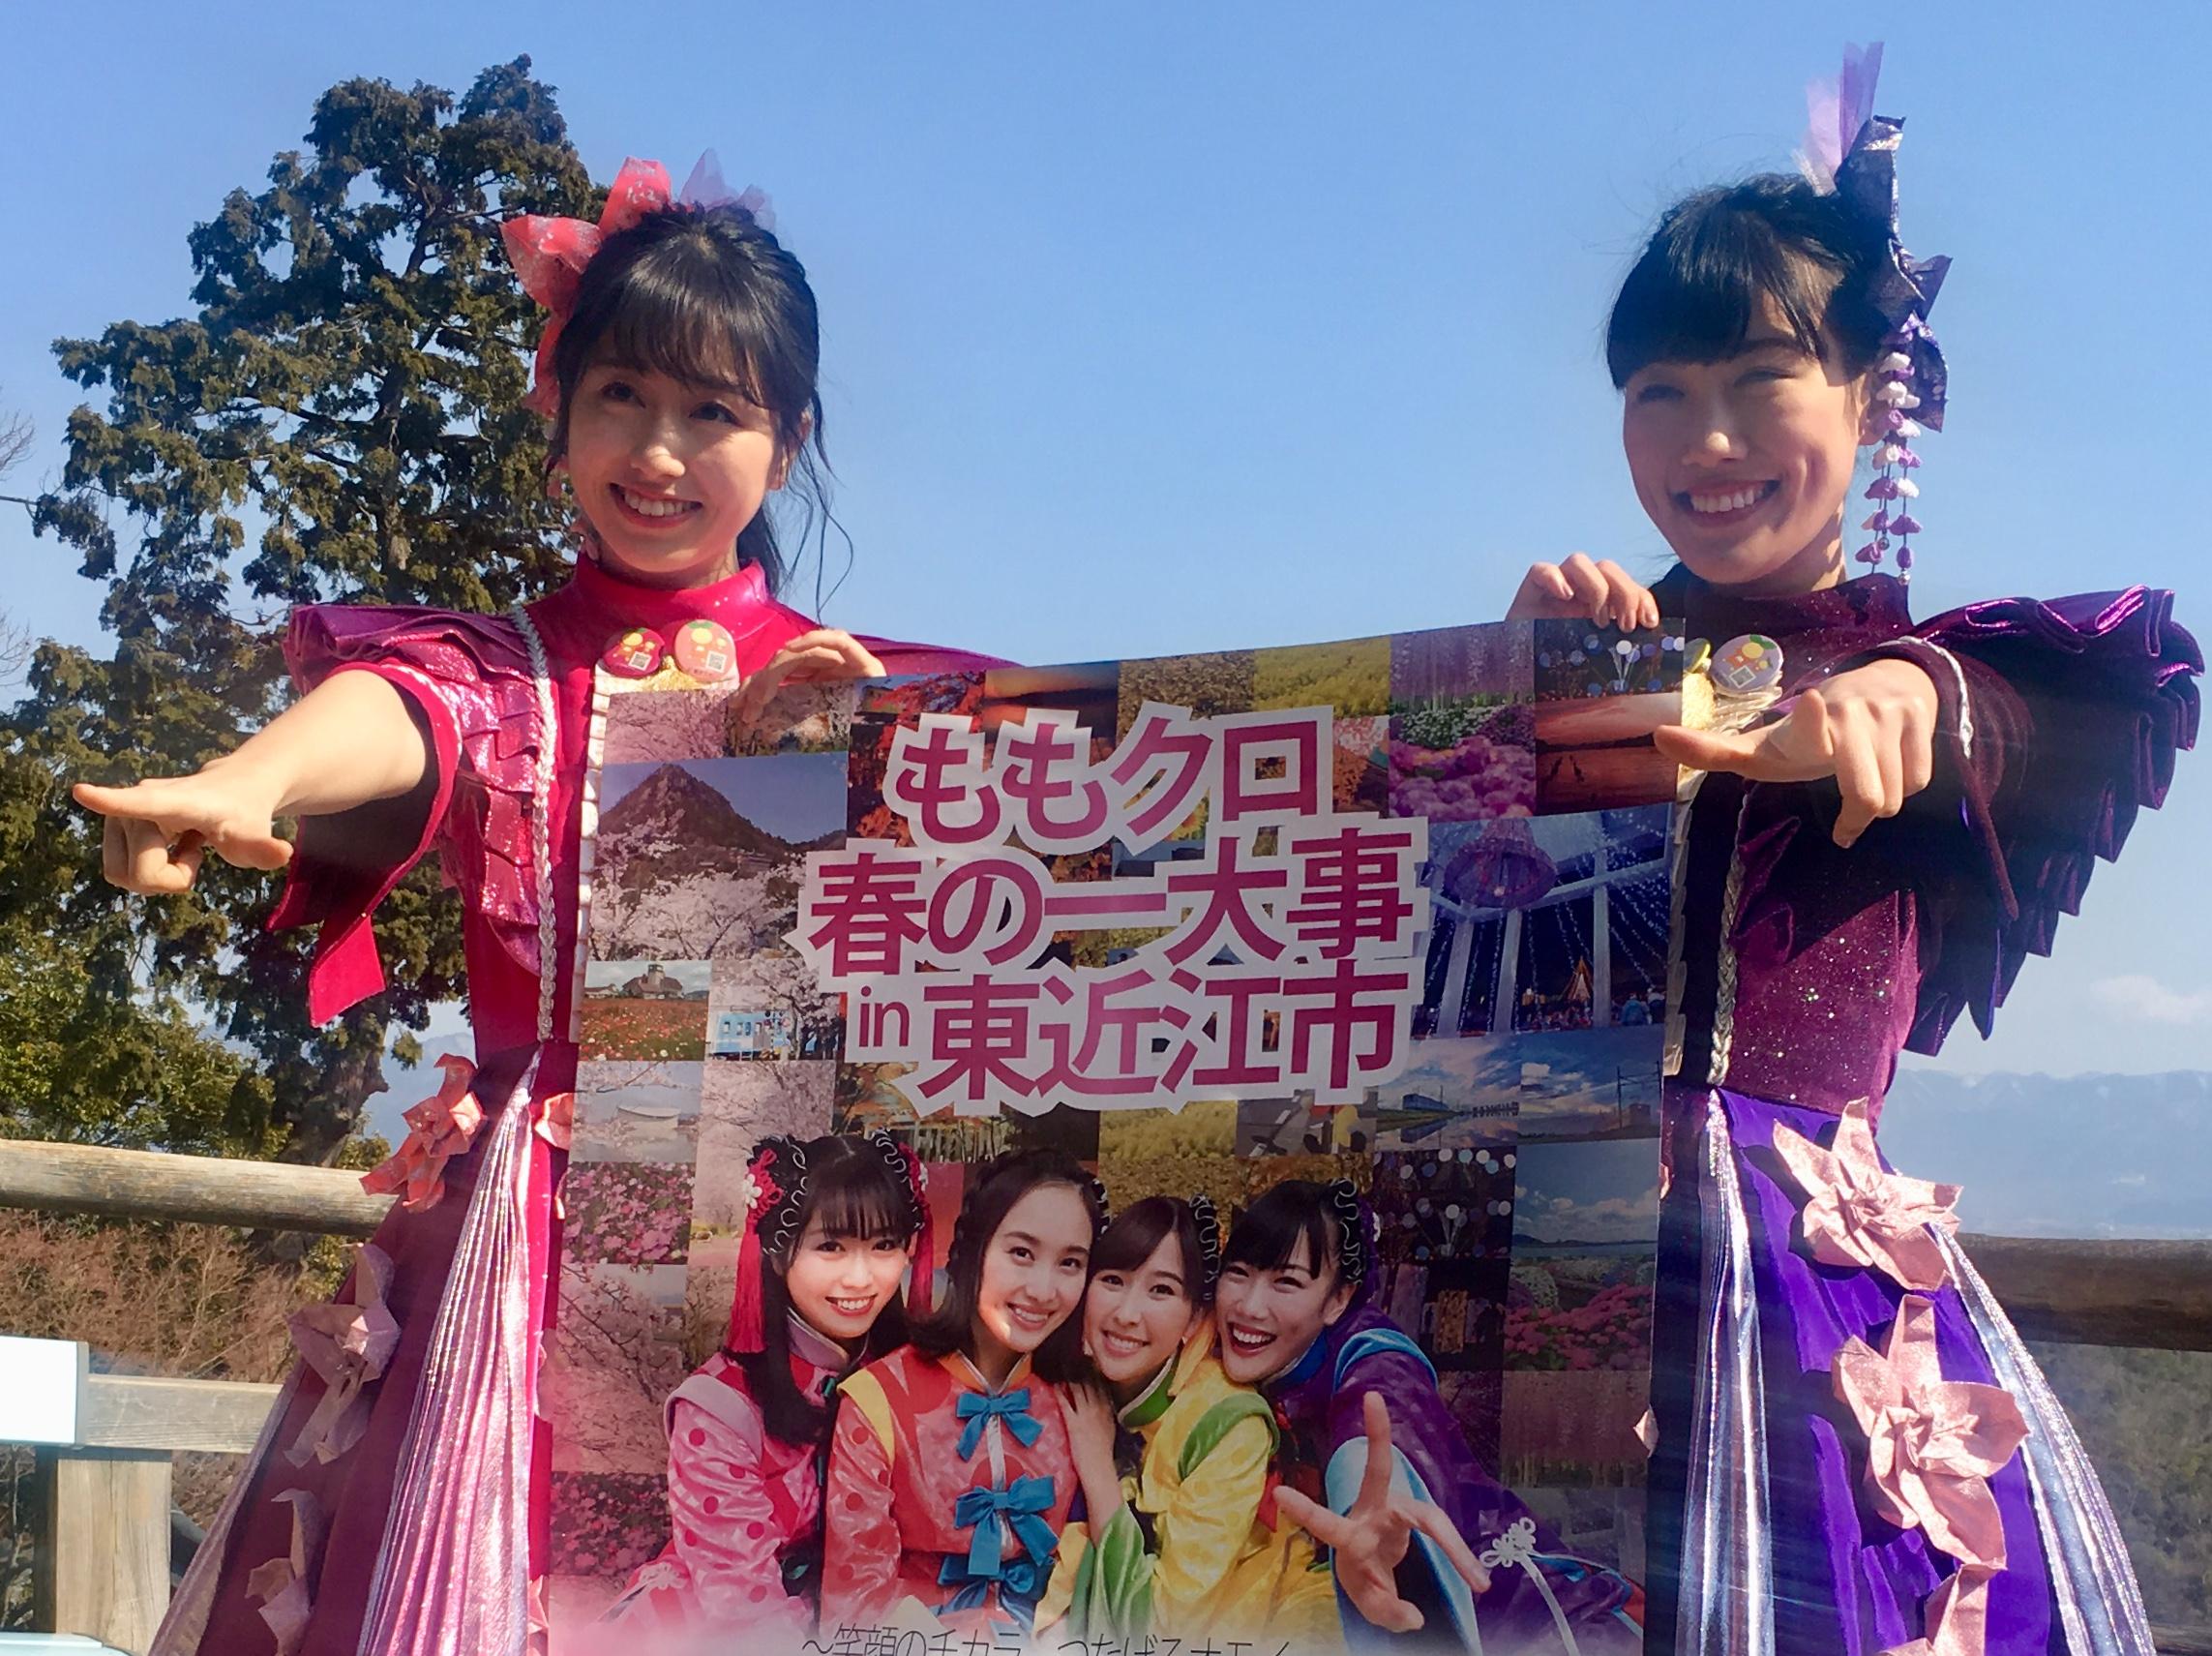 『ももクロ春の一大事2018 in 東近江市 〜笑顔のチカラ つなげるオモイ〜』 アイドルの音楽の輪 その1